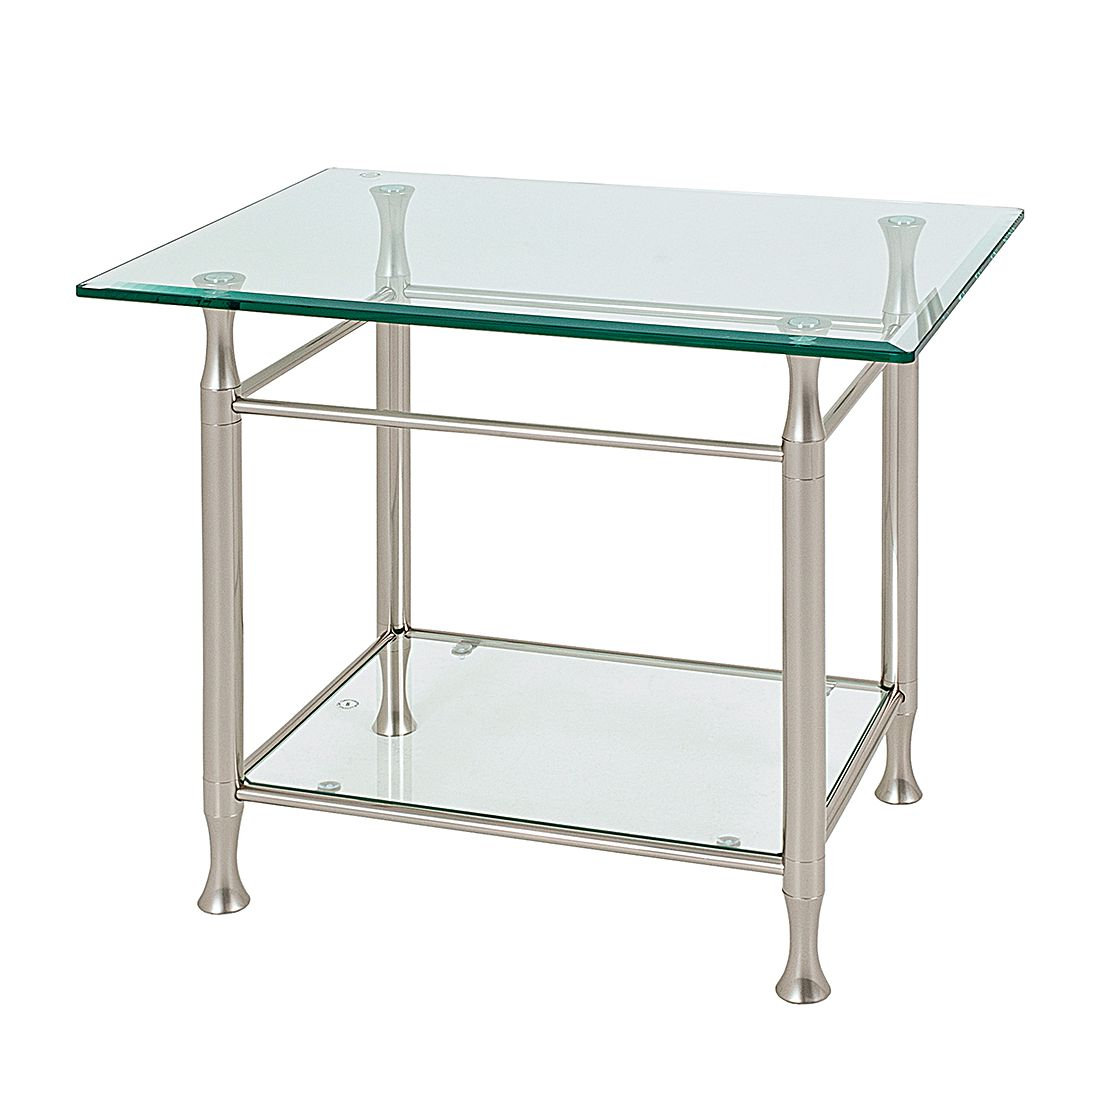 beistelltisch glas mit rollen preisvergleich die besten. Black Bedroom Furniture Sets. Home Design Ideas